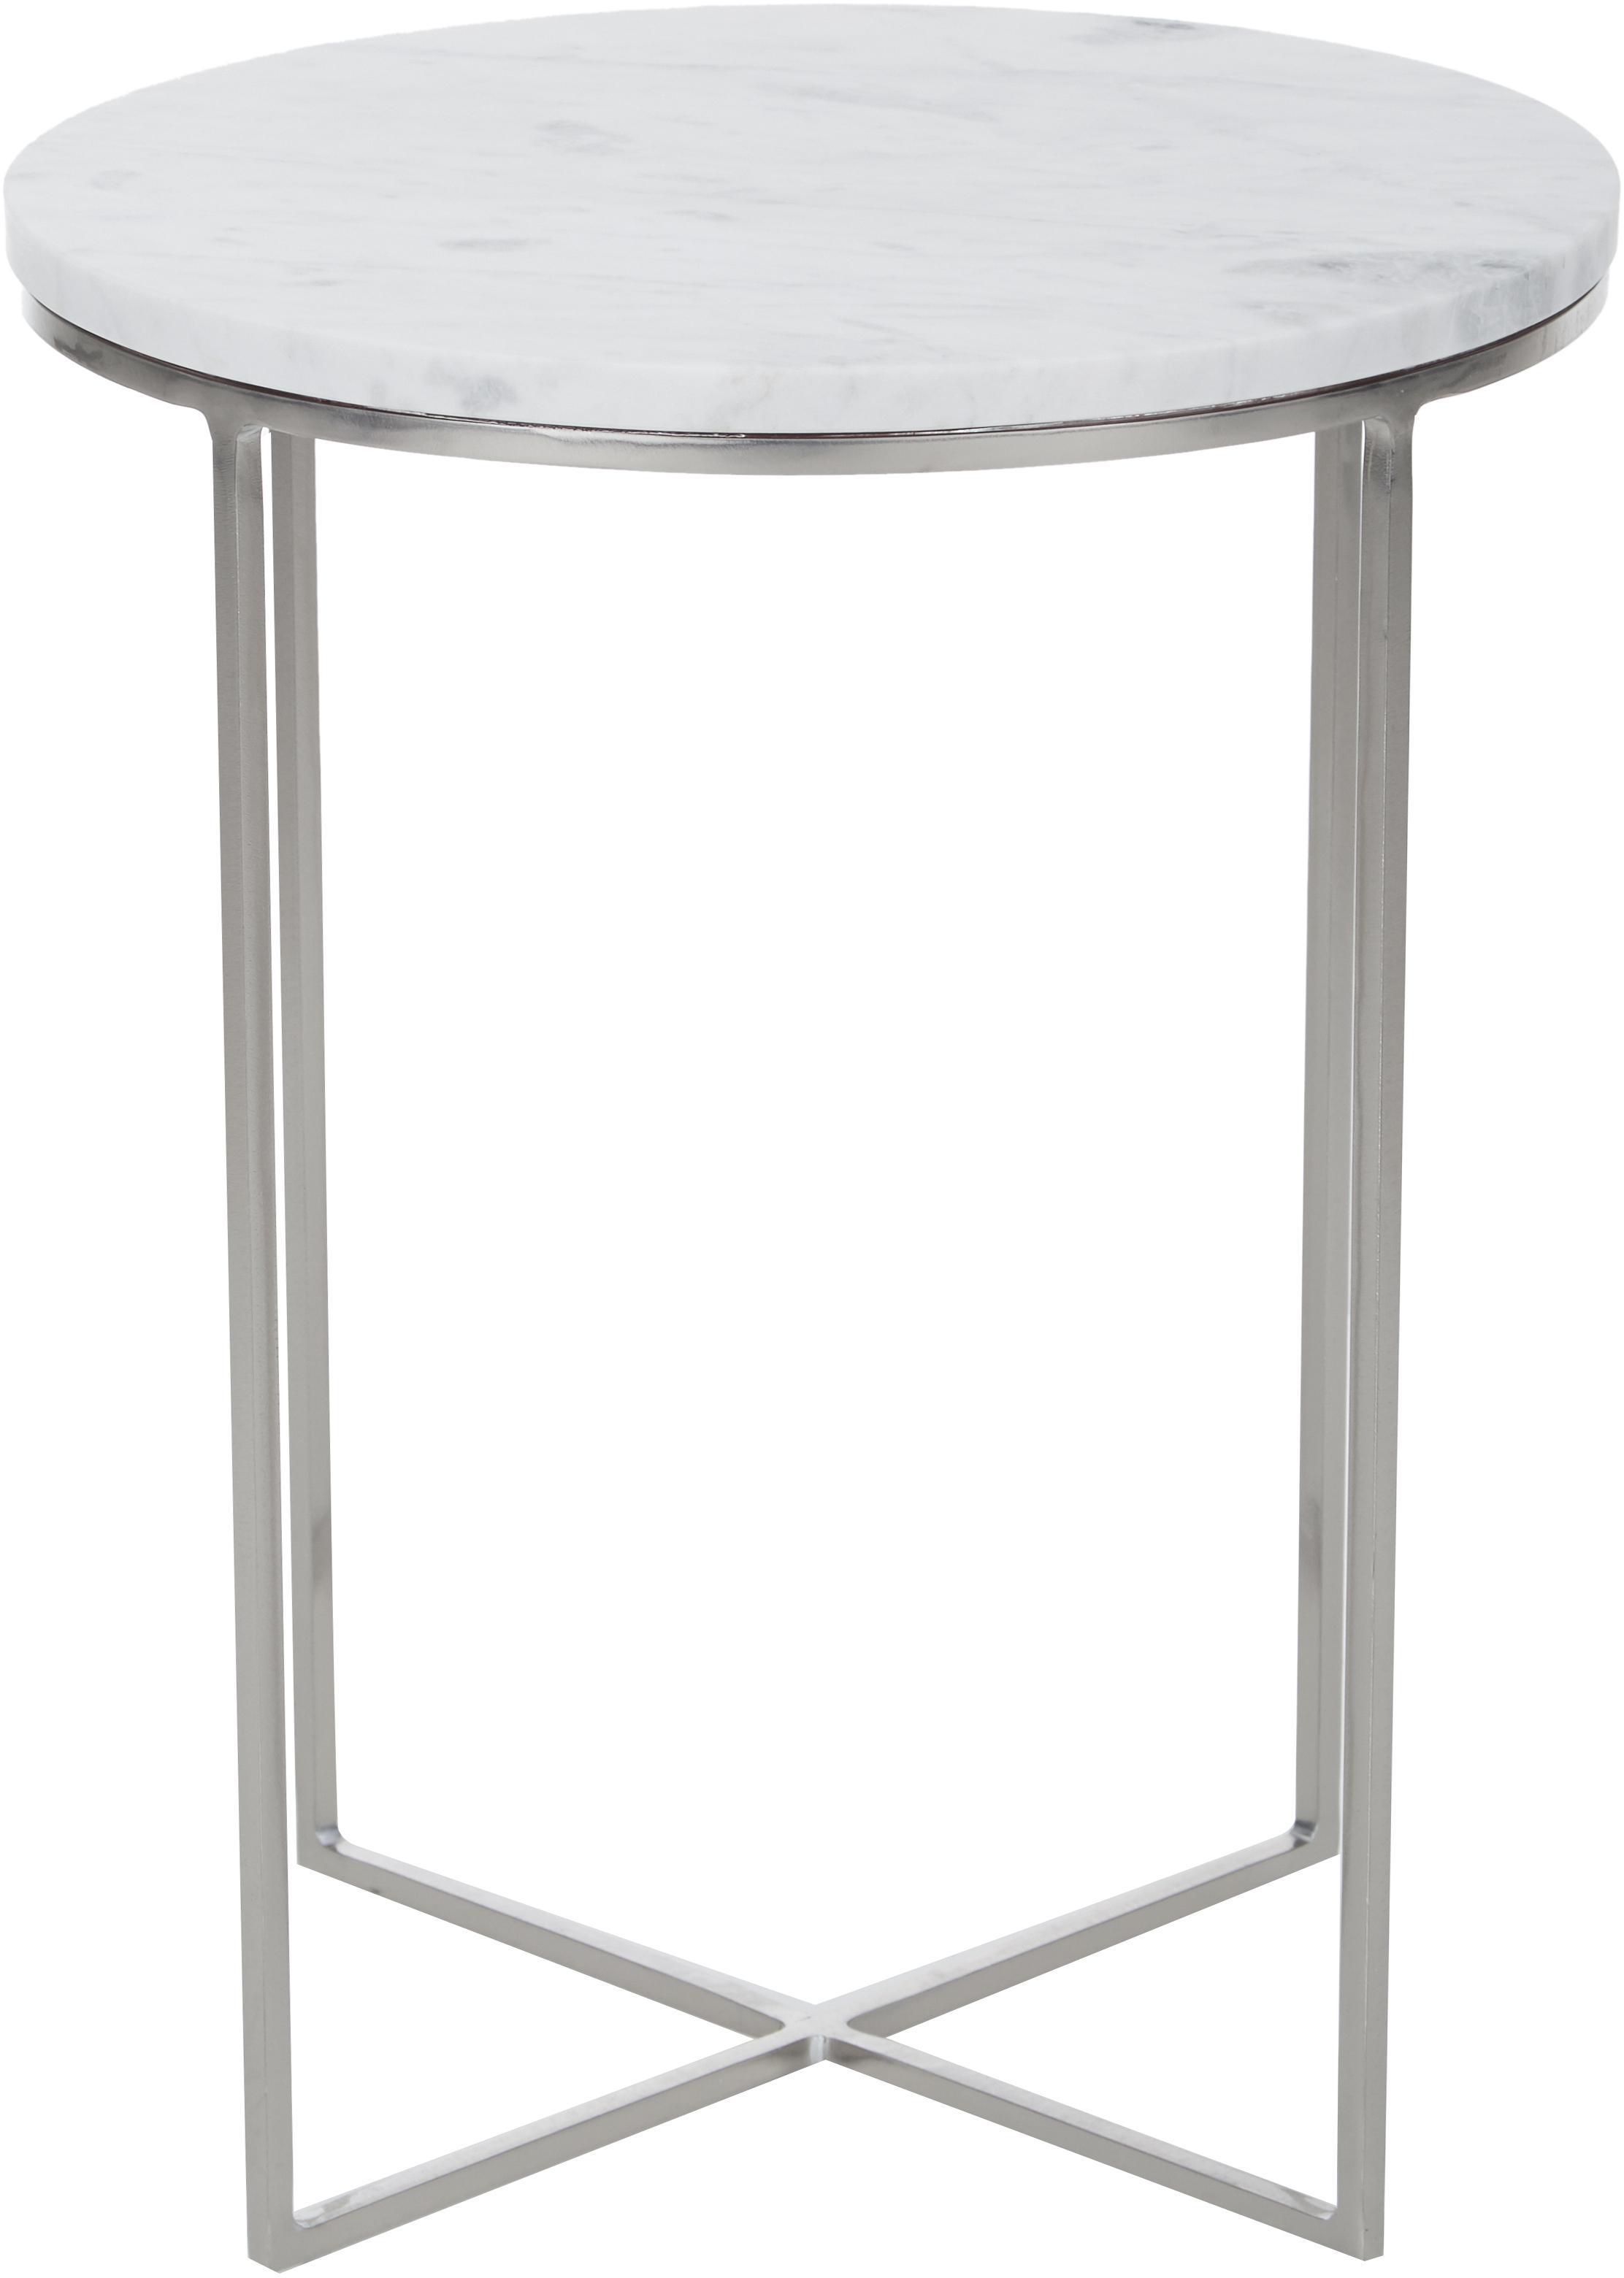 Runder Marmor-Beistelltisch Alys, Tischplatte: Marmor, Gestell: Metall, pulverbeschichtet, Tischplatte: Weiß-grauer Marmor, leicht glänzendGestell: Silberfarben, matt, Ø 40 x H 50 cm